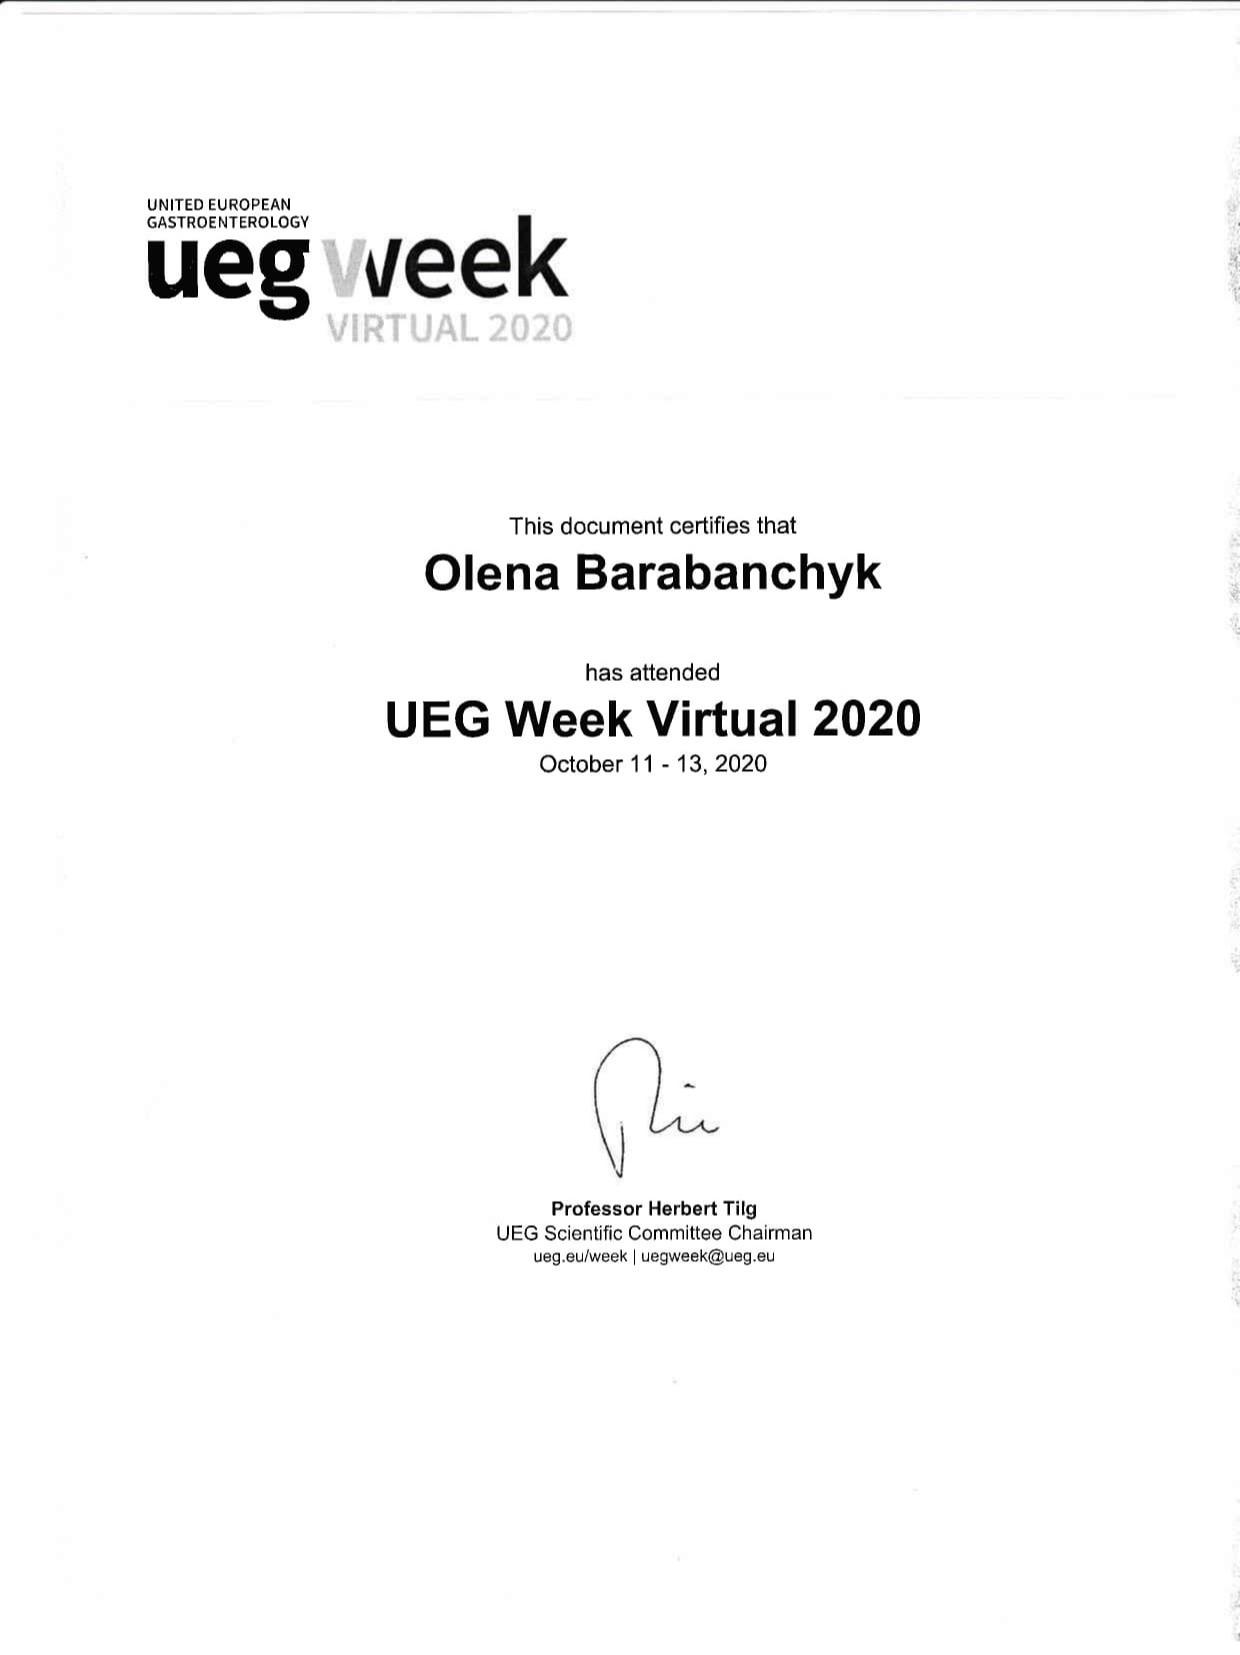 Сертификат об участии в образотвательной программе